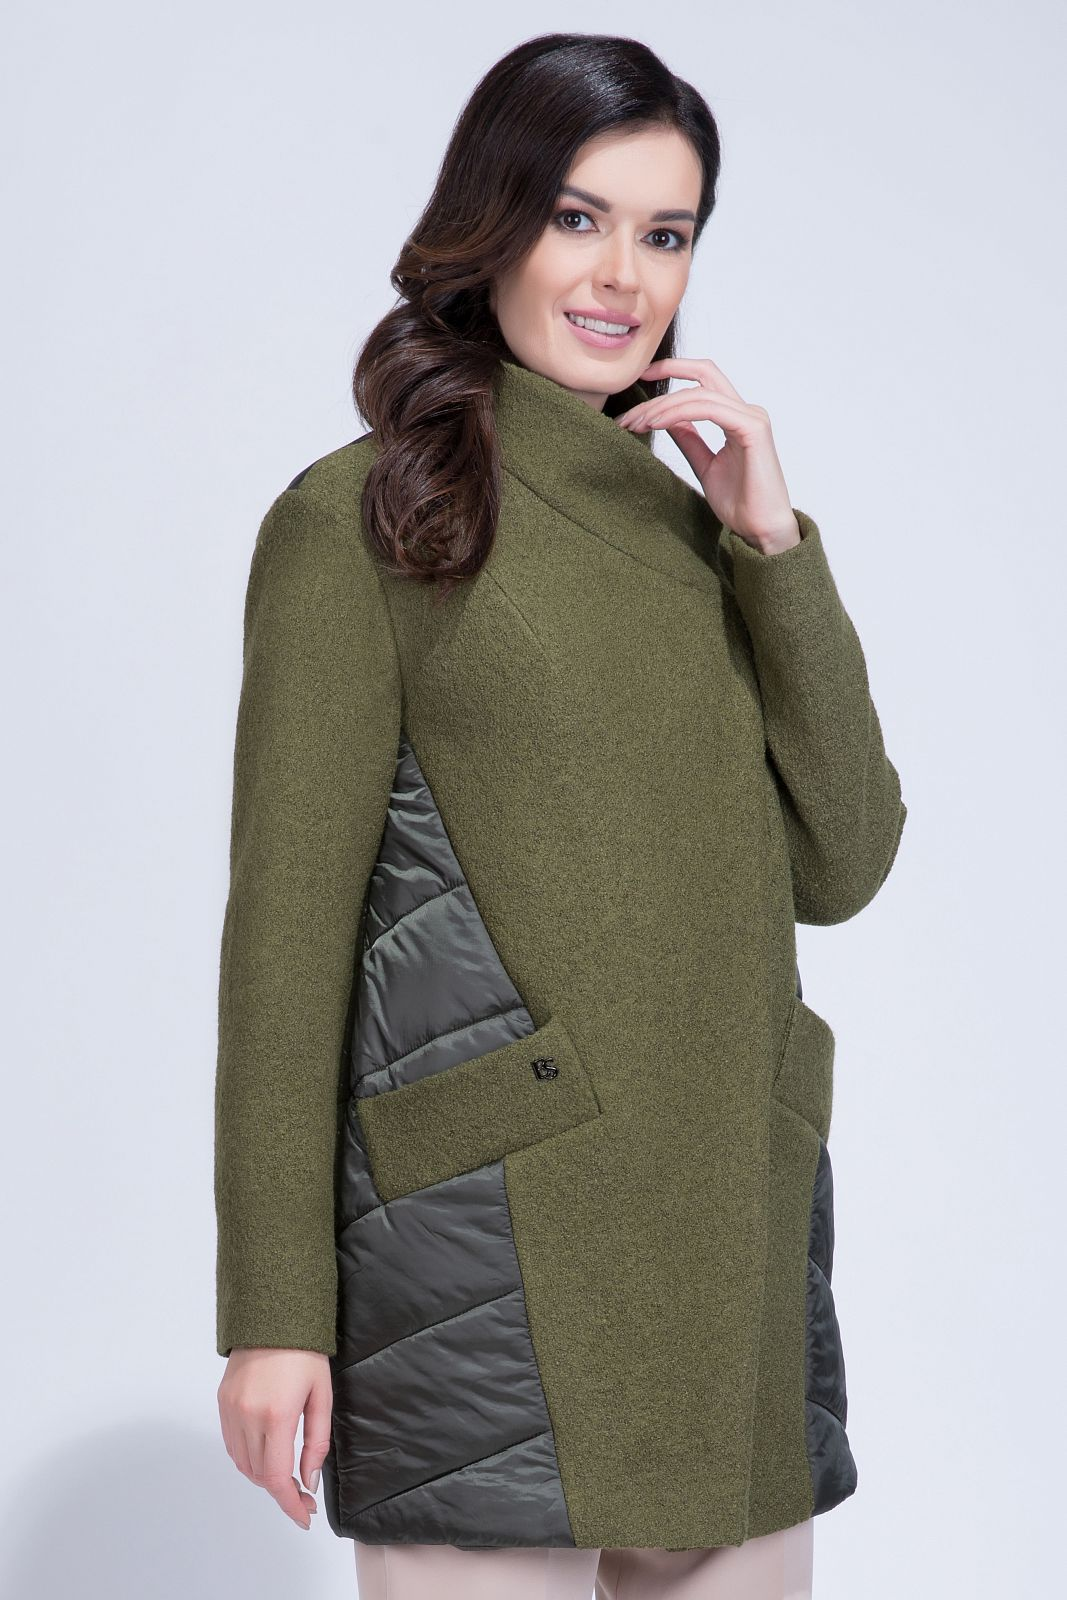 fbefae71cb09 Коллекция Осень-зима 2018-2019. Каталог женской верхней одежды от  производителя | ElectraStyle